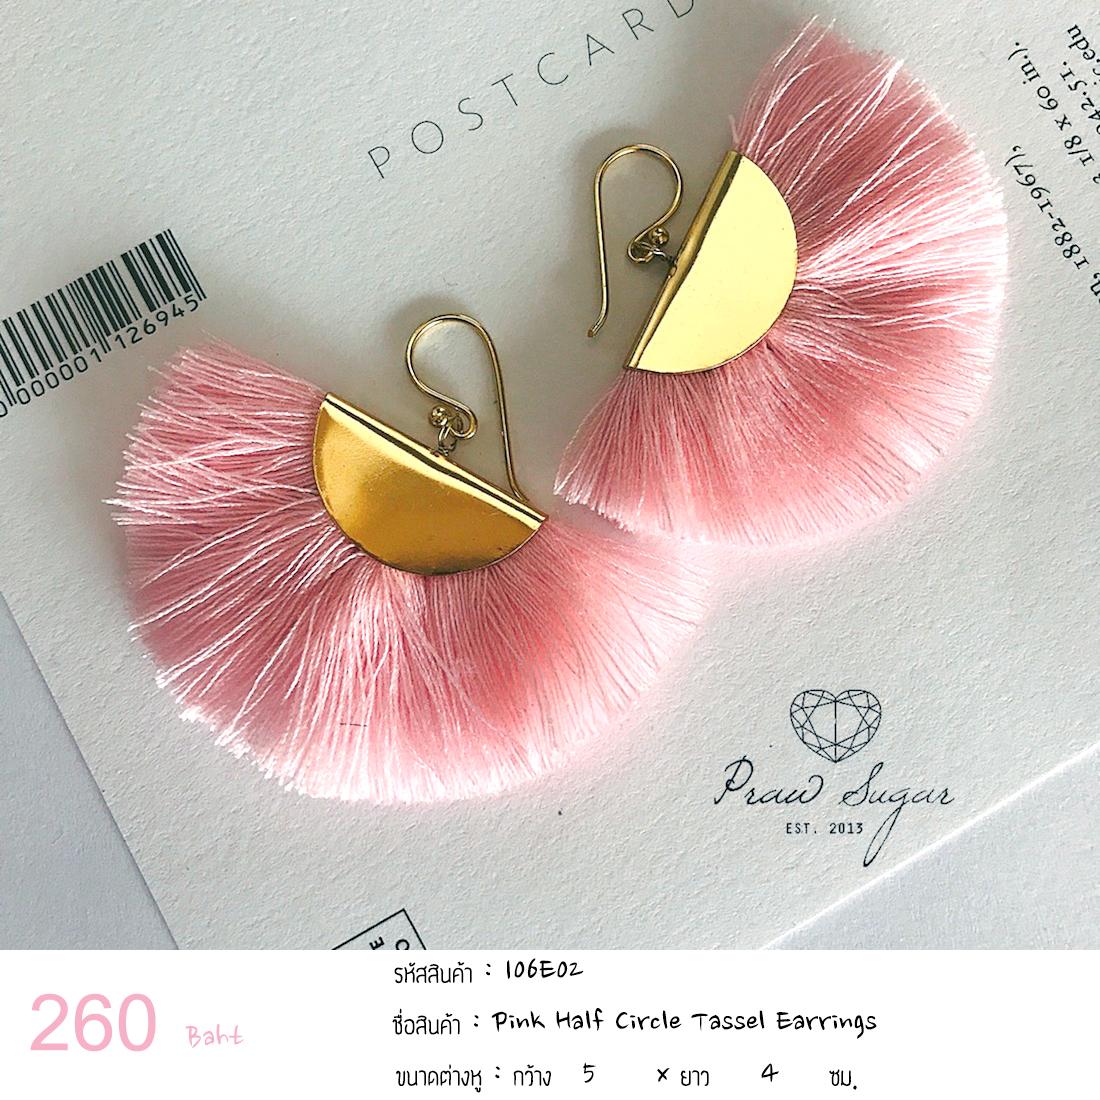 Pink Half Circle Tassel Earrings